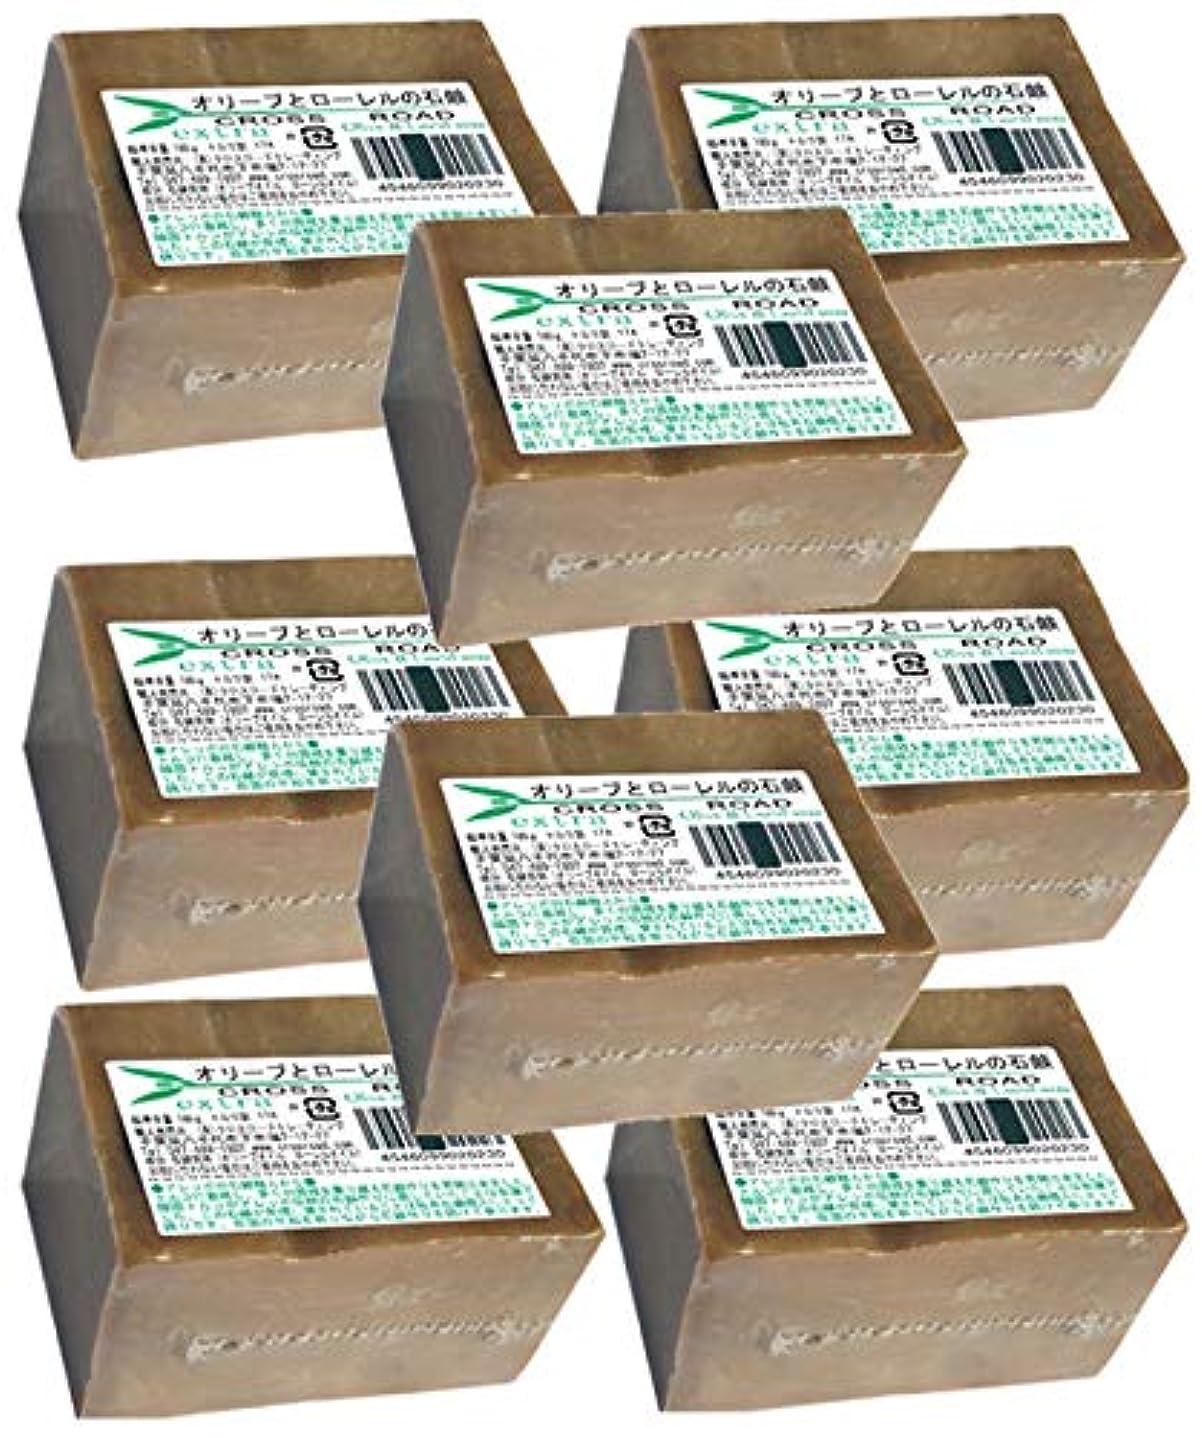 グラディス責任者与えるオリーブとローレルの石鹸(エキストラ)8個セット [並行輸入品]